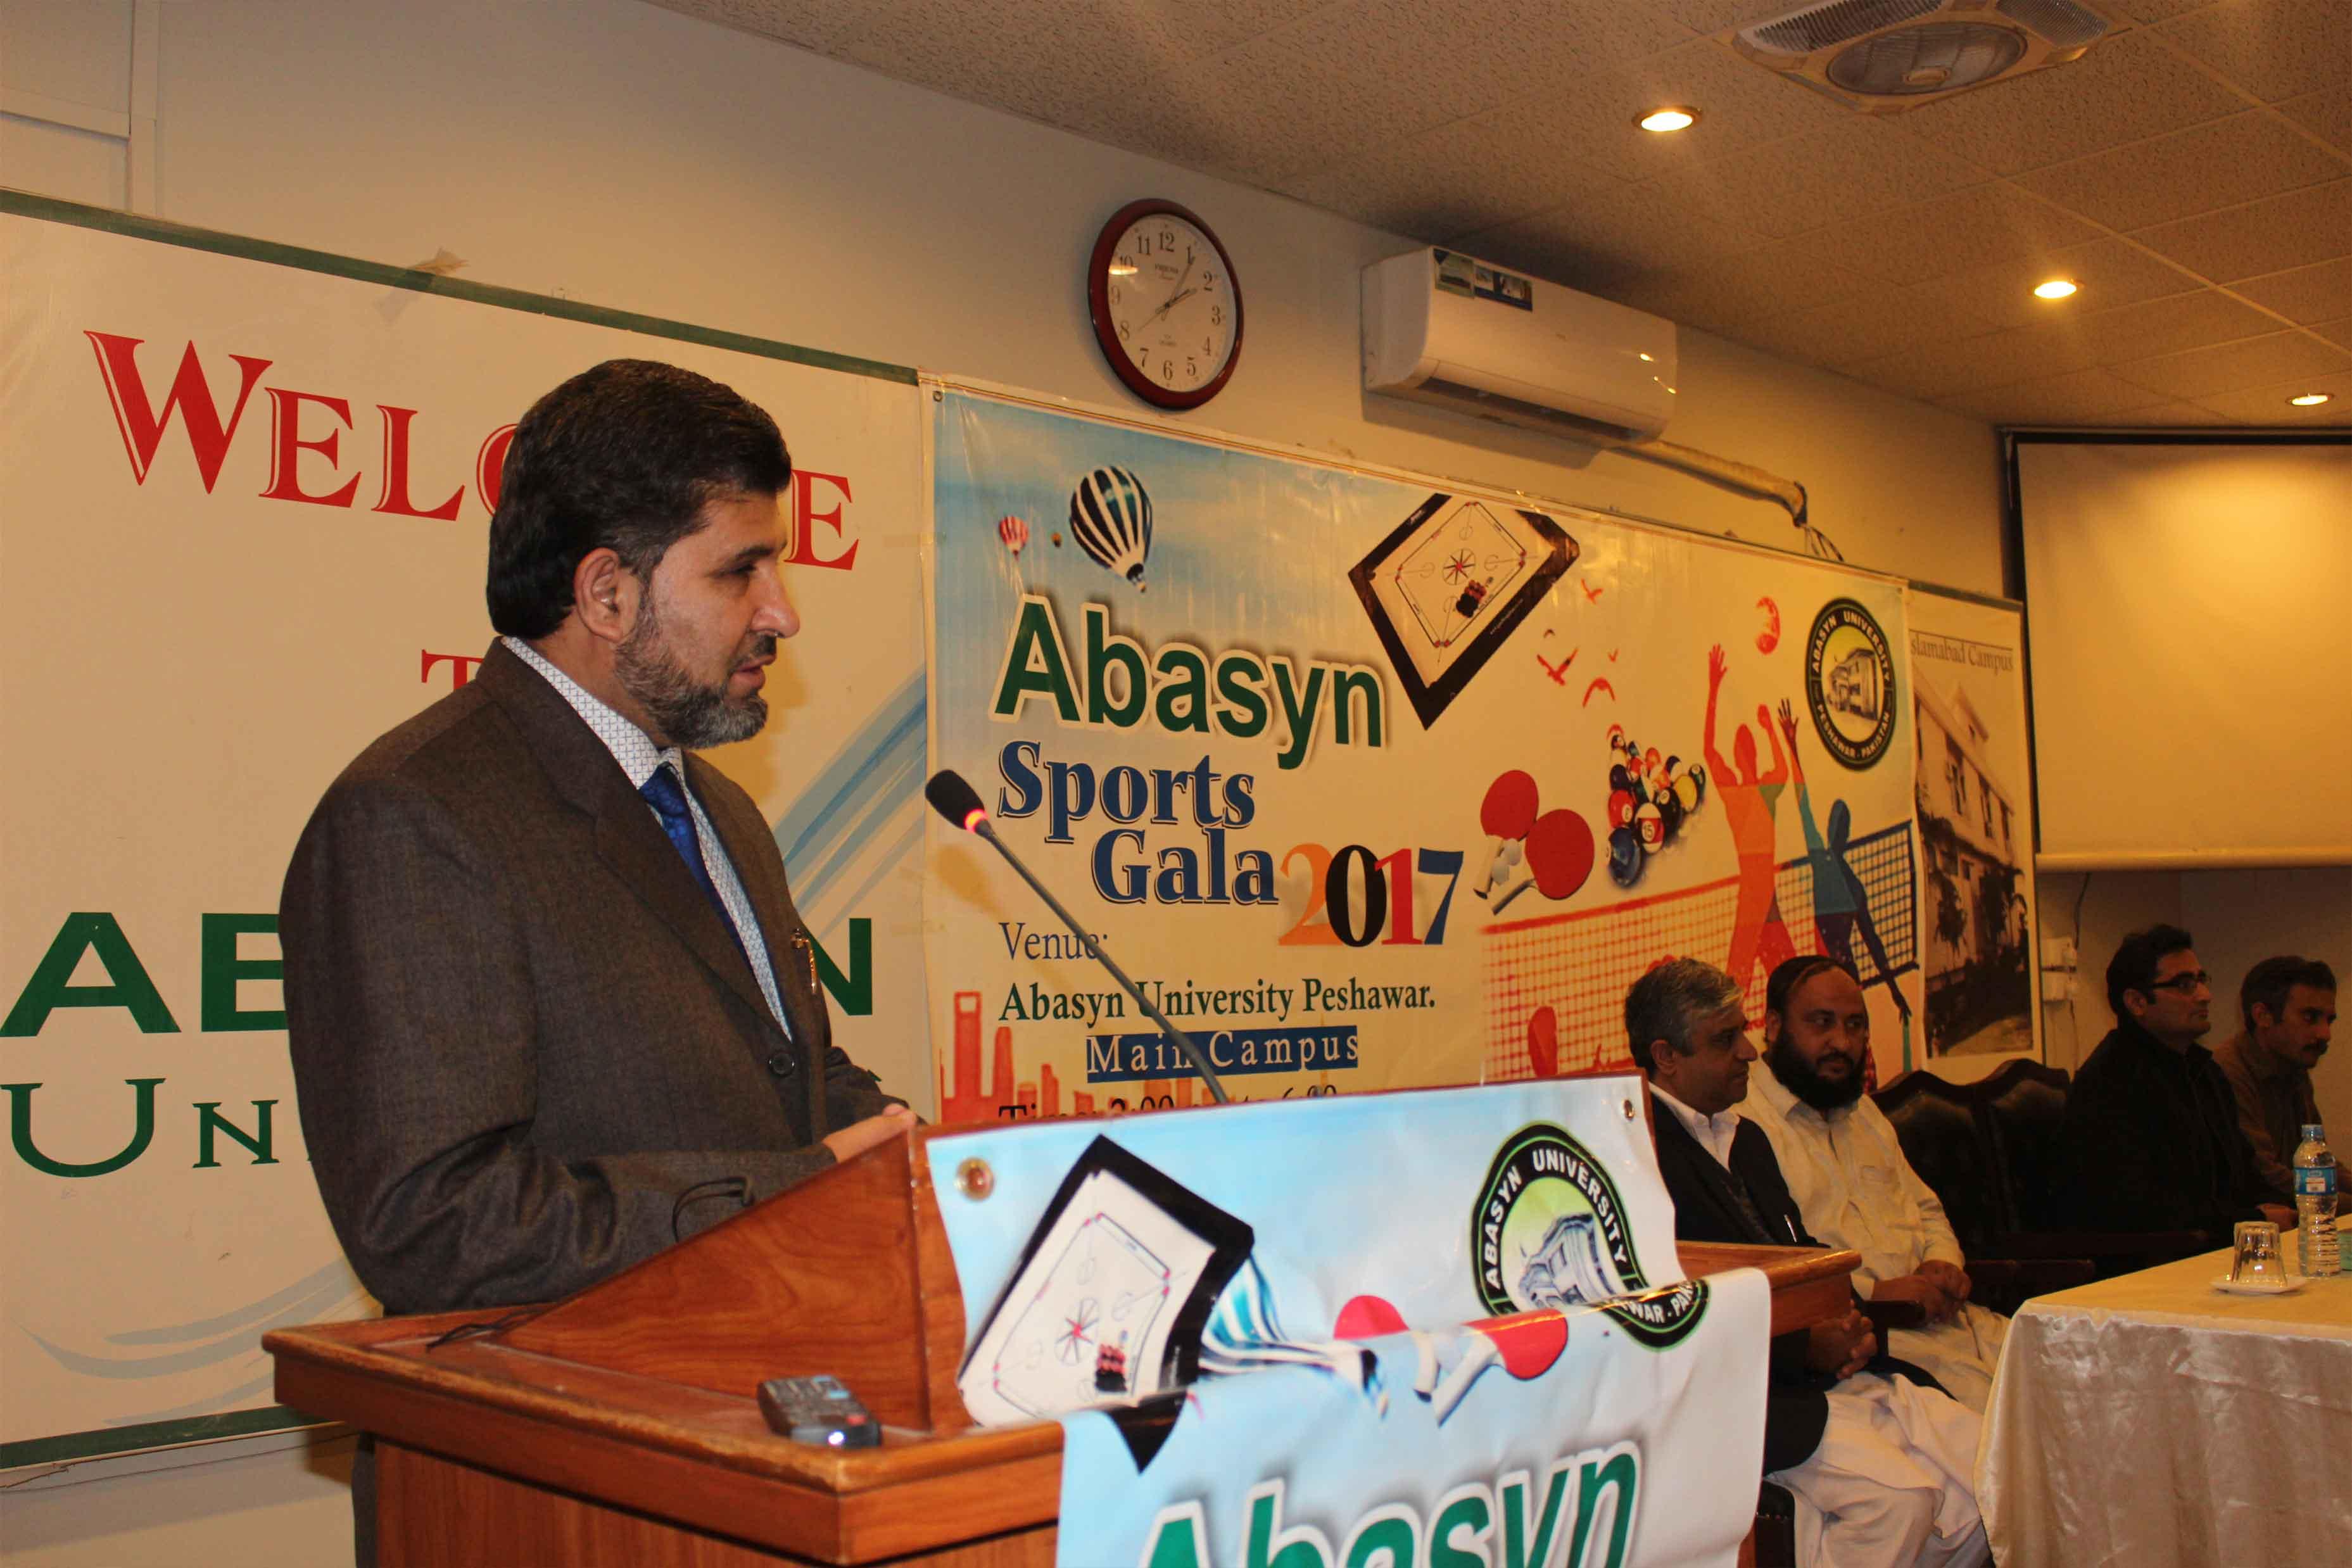 Abasyn Sports Gala 2017